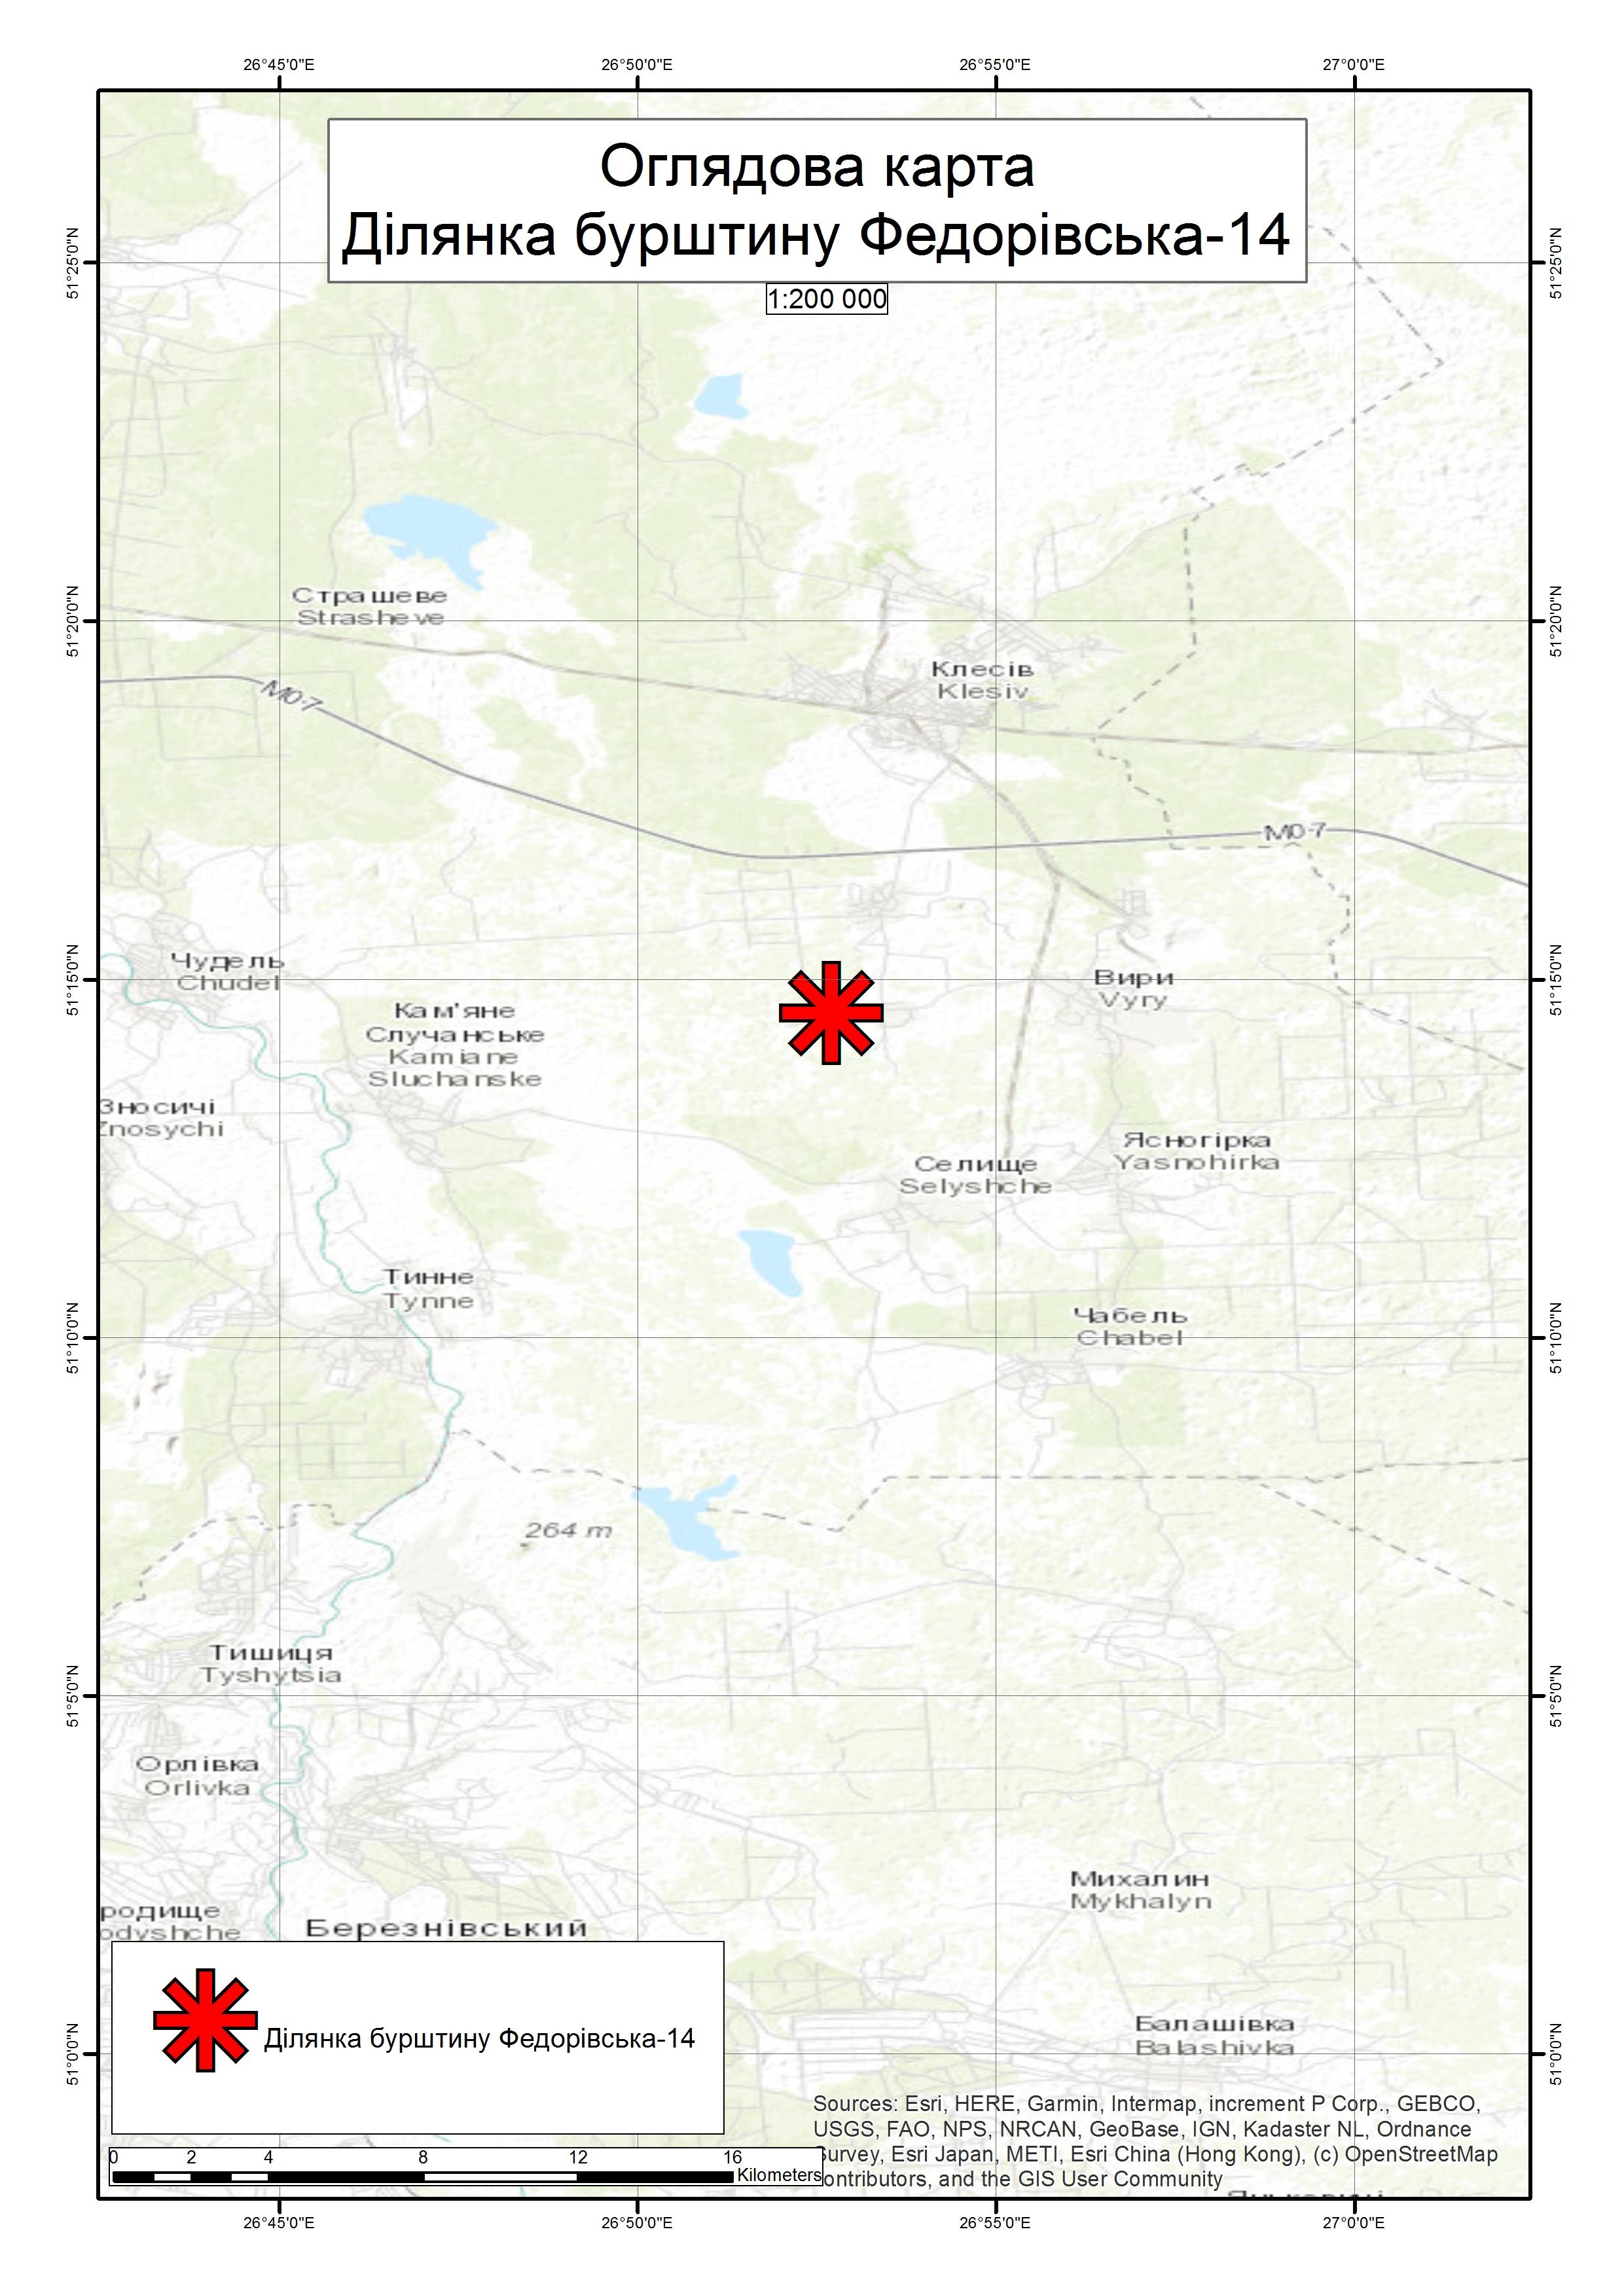 Спеціальний дозвіл на користування надрами – Ділянка Федорівська-14. Вартість геологічної інформації – 102 610,39 грн (з ПДВ). Вартість пакету аукціонної документації – 10 342,80 грн (з ПДВ).